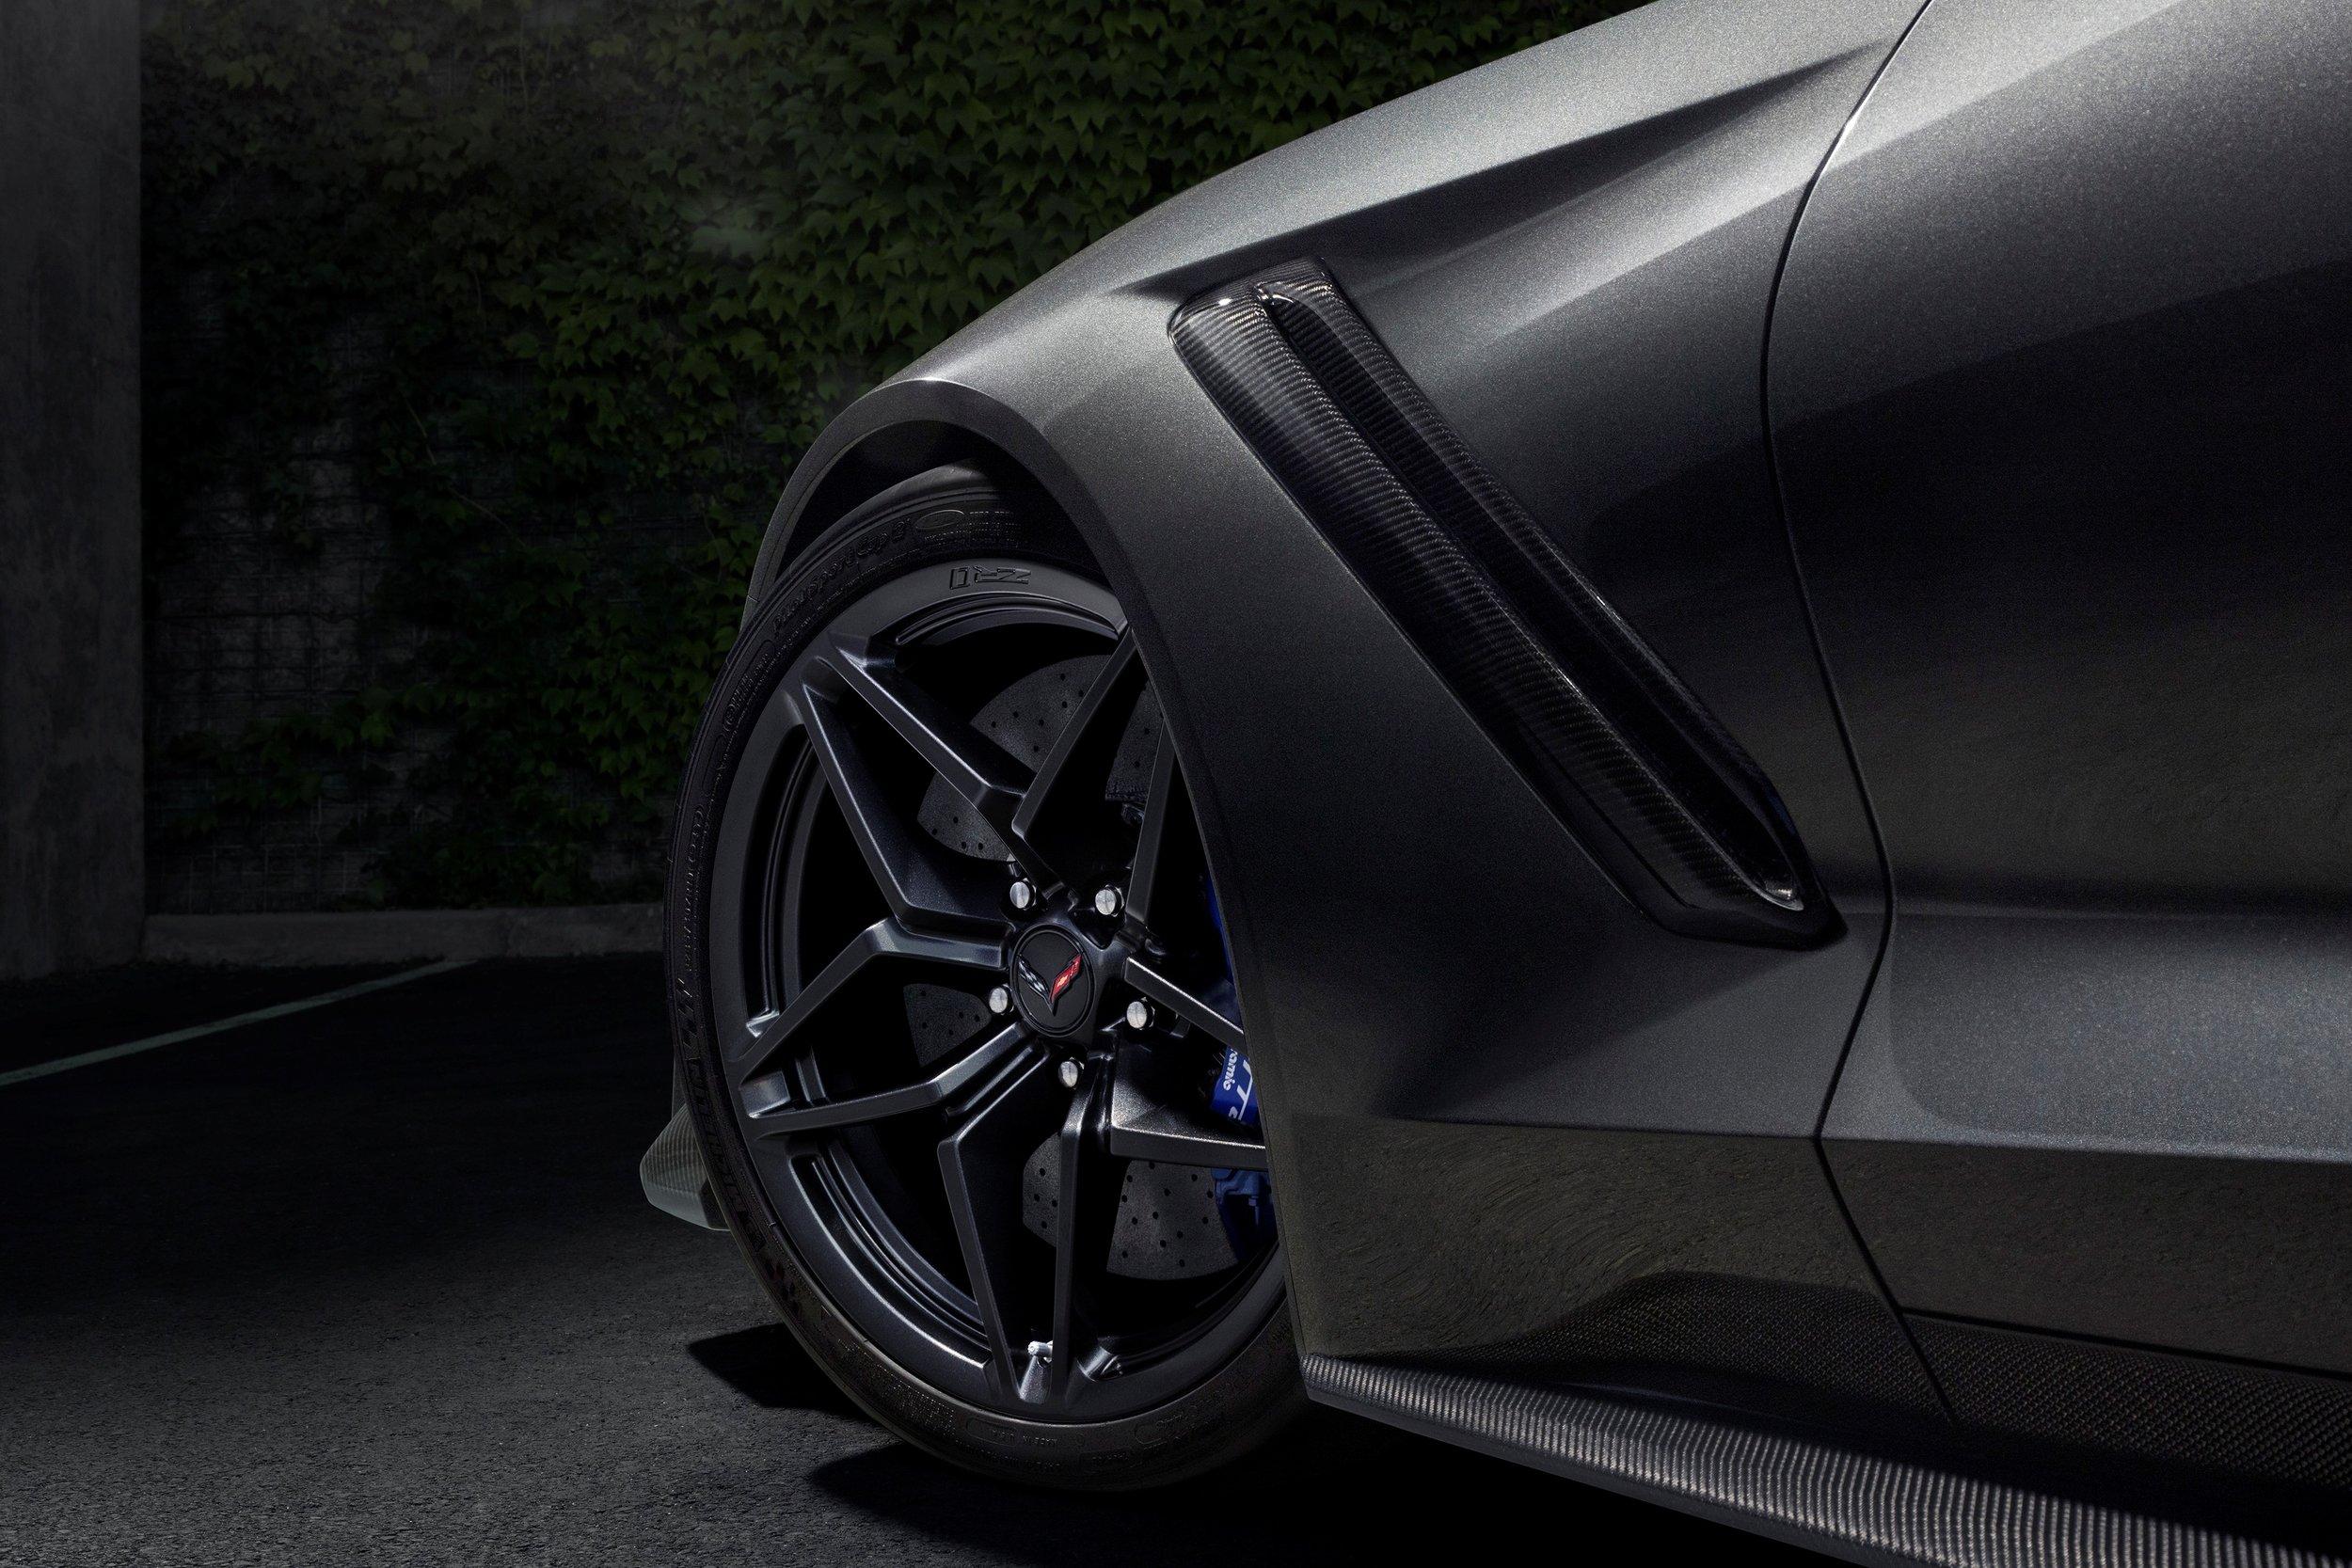 2019-Chevrolet-Corvette-ZR1-BLACKLIST-(21).jpg